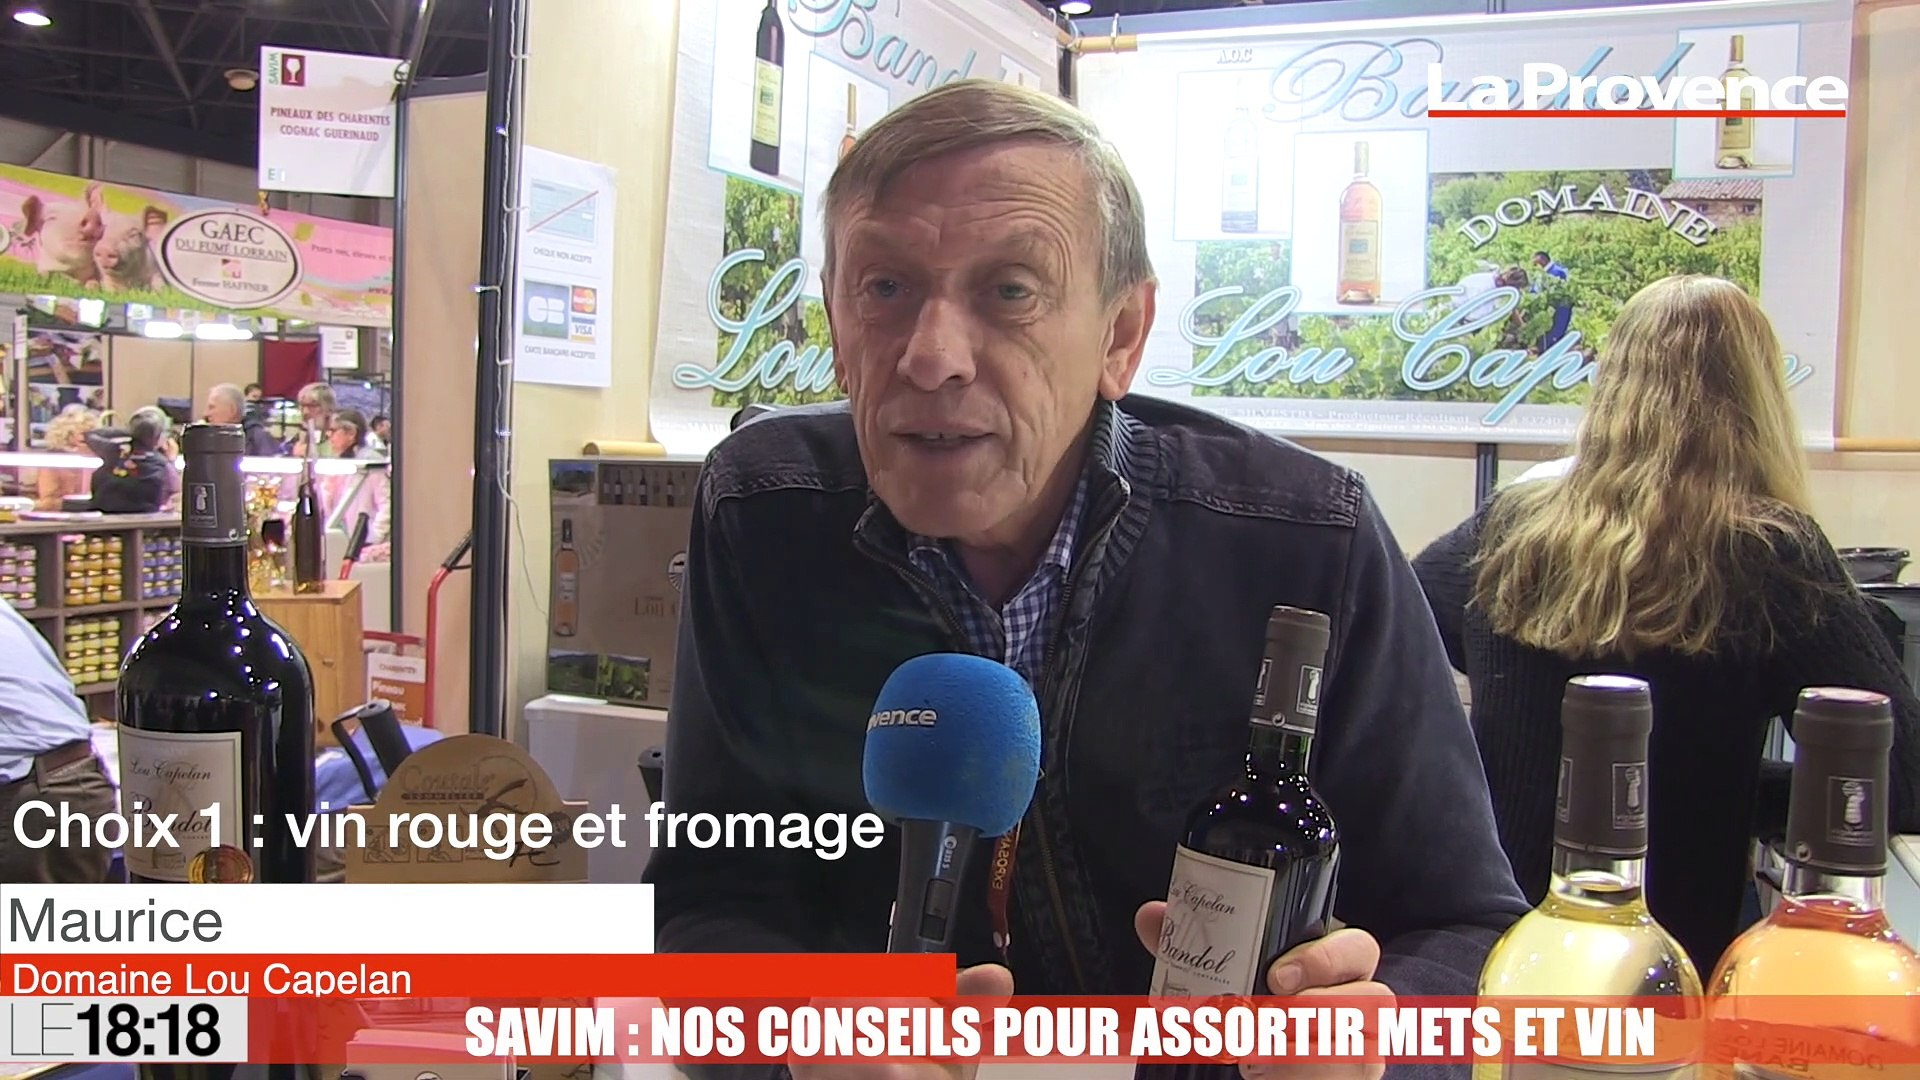 lacer dans original vente en ligne Le 18:18 - Marseille : vins et plats provençaux en vedette au parc Chanot à  l'occasion du Savim